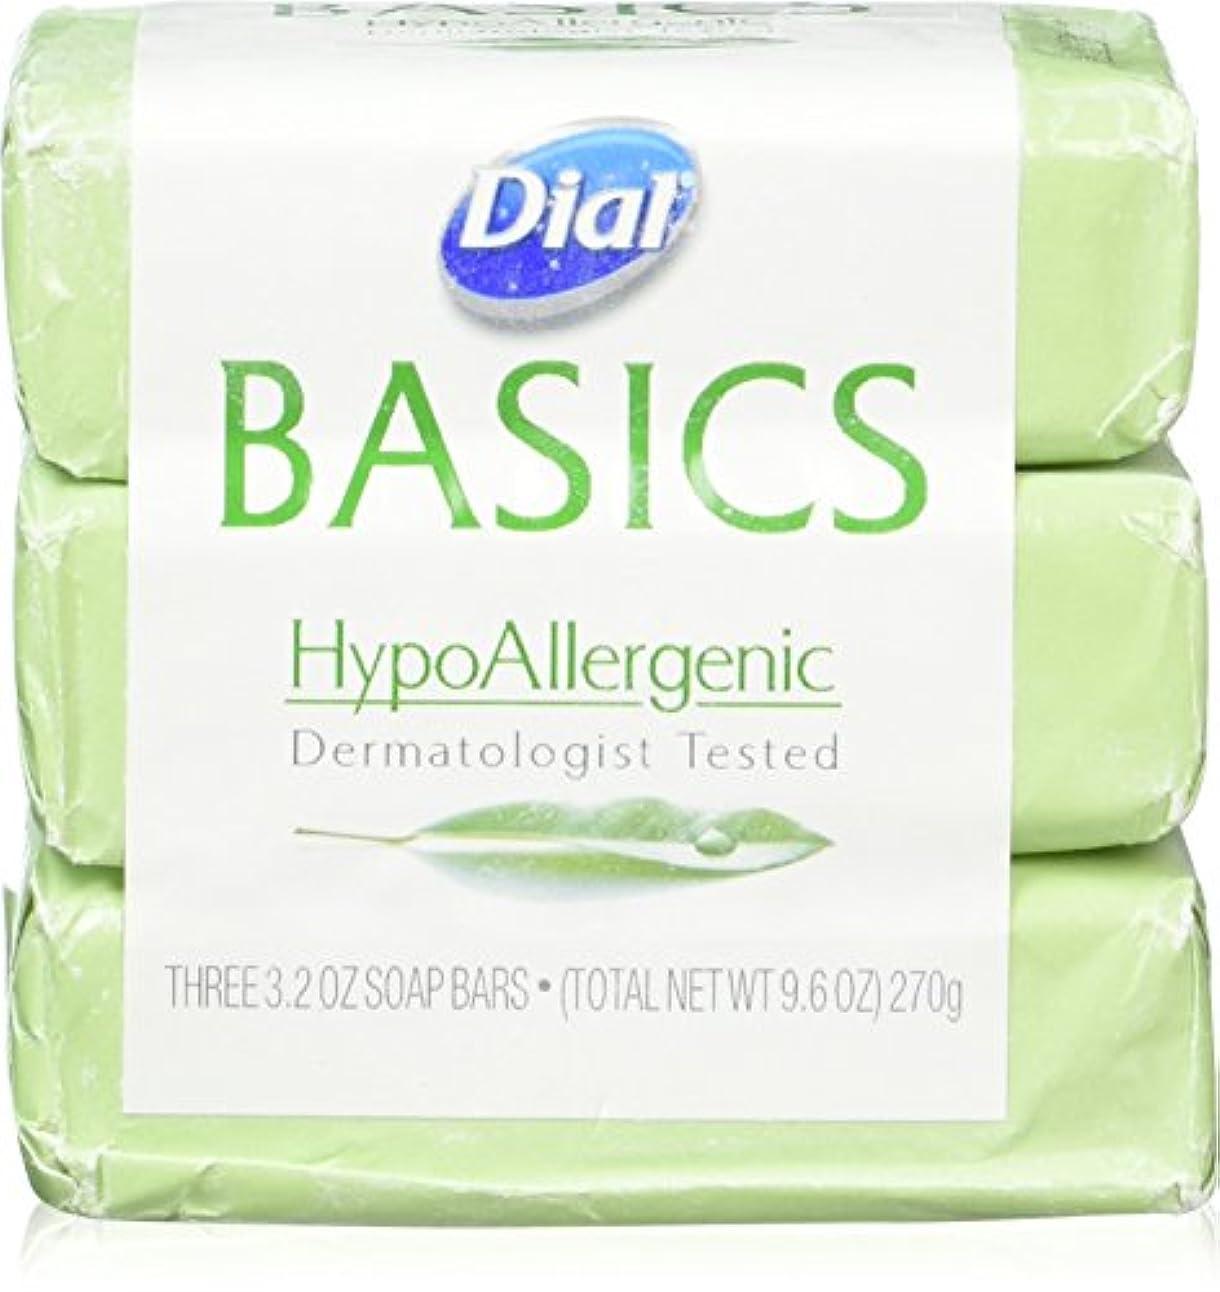 構築する確率条約Dial Basics HypoAllergenic Dermatologist Tested Bar Soap, 3.2 oz (12 Bars) by Basics